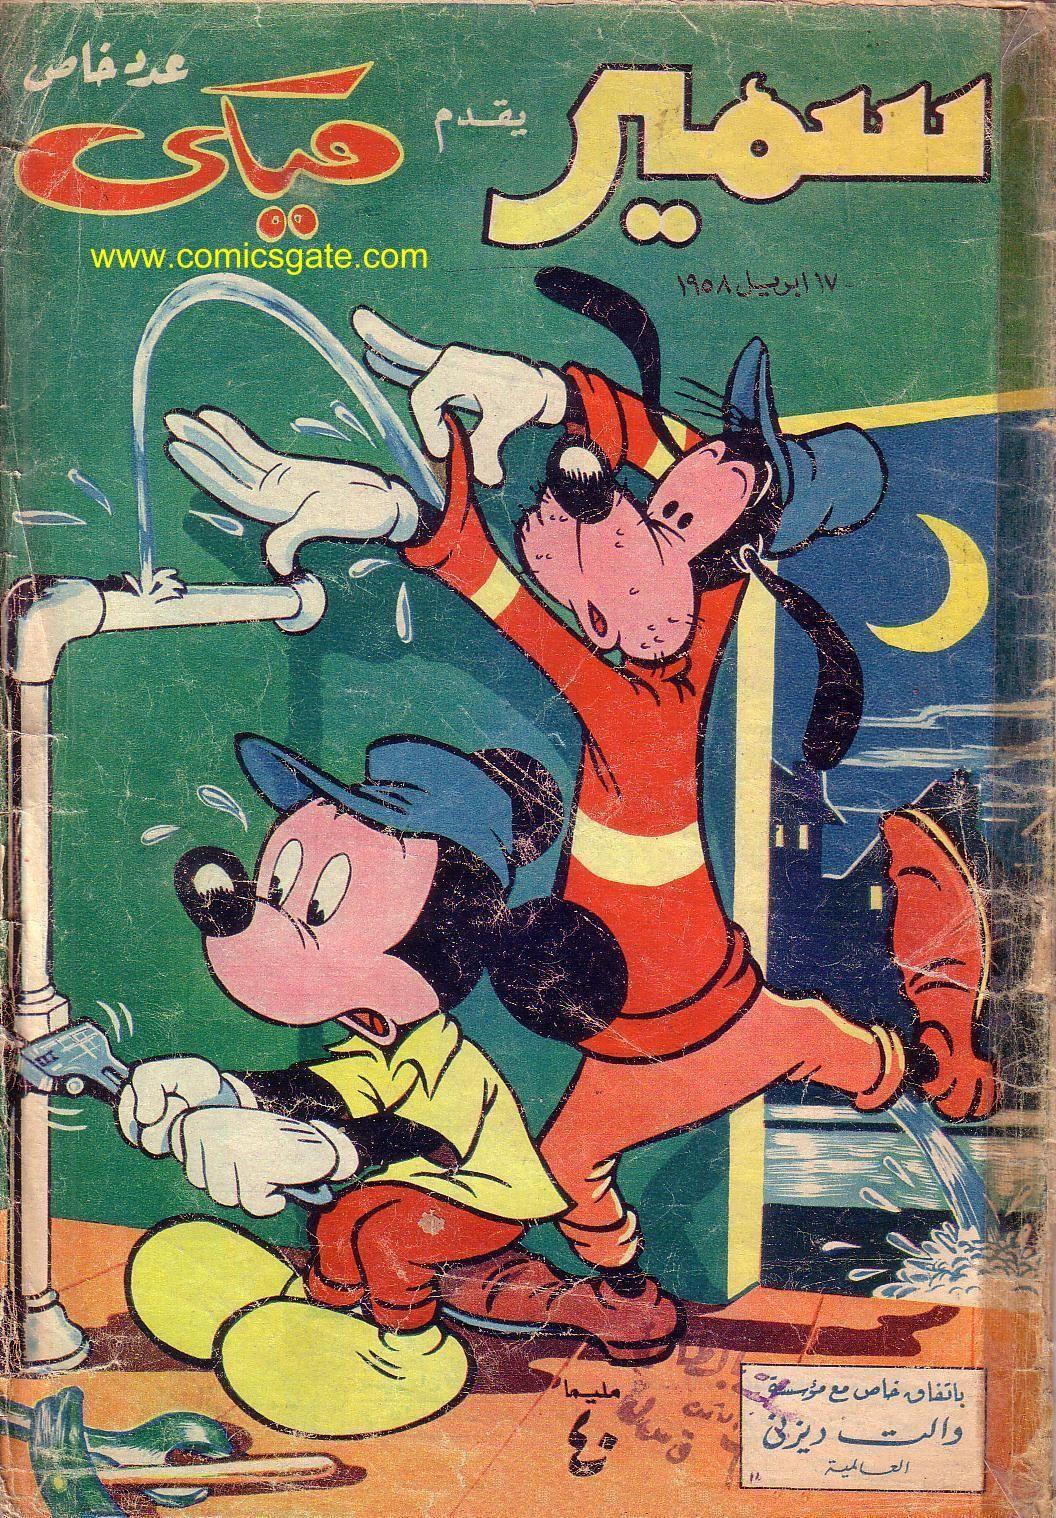 مجلة ميكي عبر العصور Greatest Hits All About Time Comic Book Cover